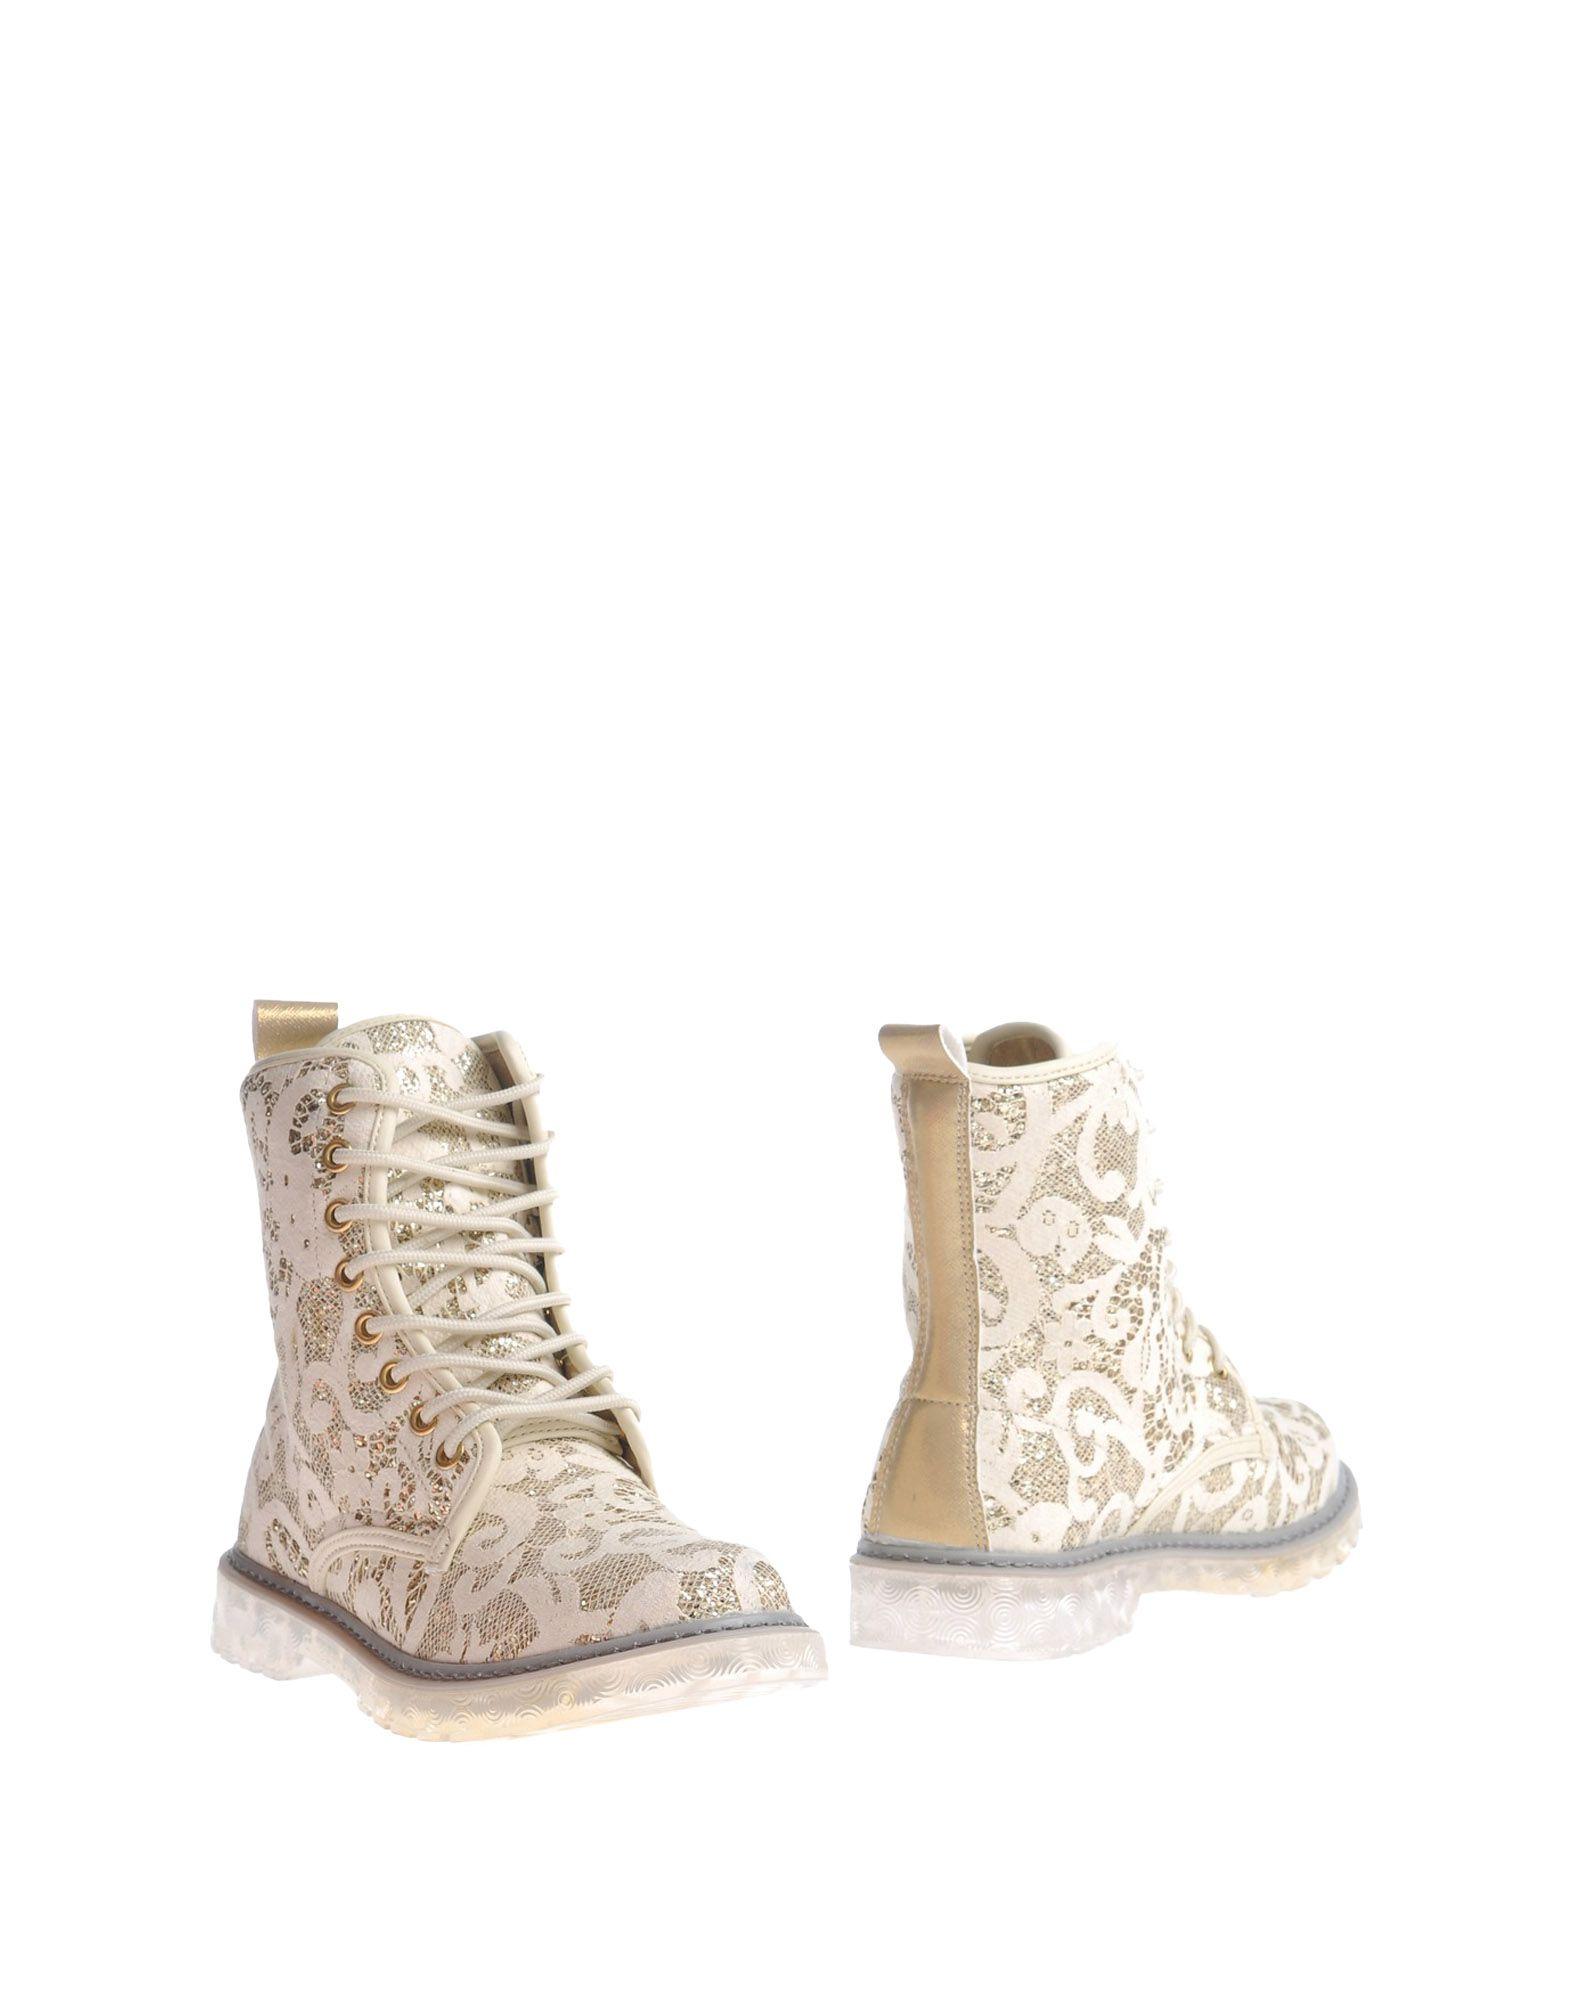 Cafènoir Stiefelette Damen  11144420TE Gute Qualität beliebte Schuhe Schuhe beliebte 732227